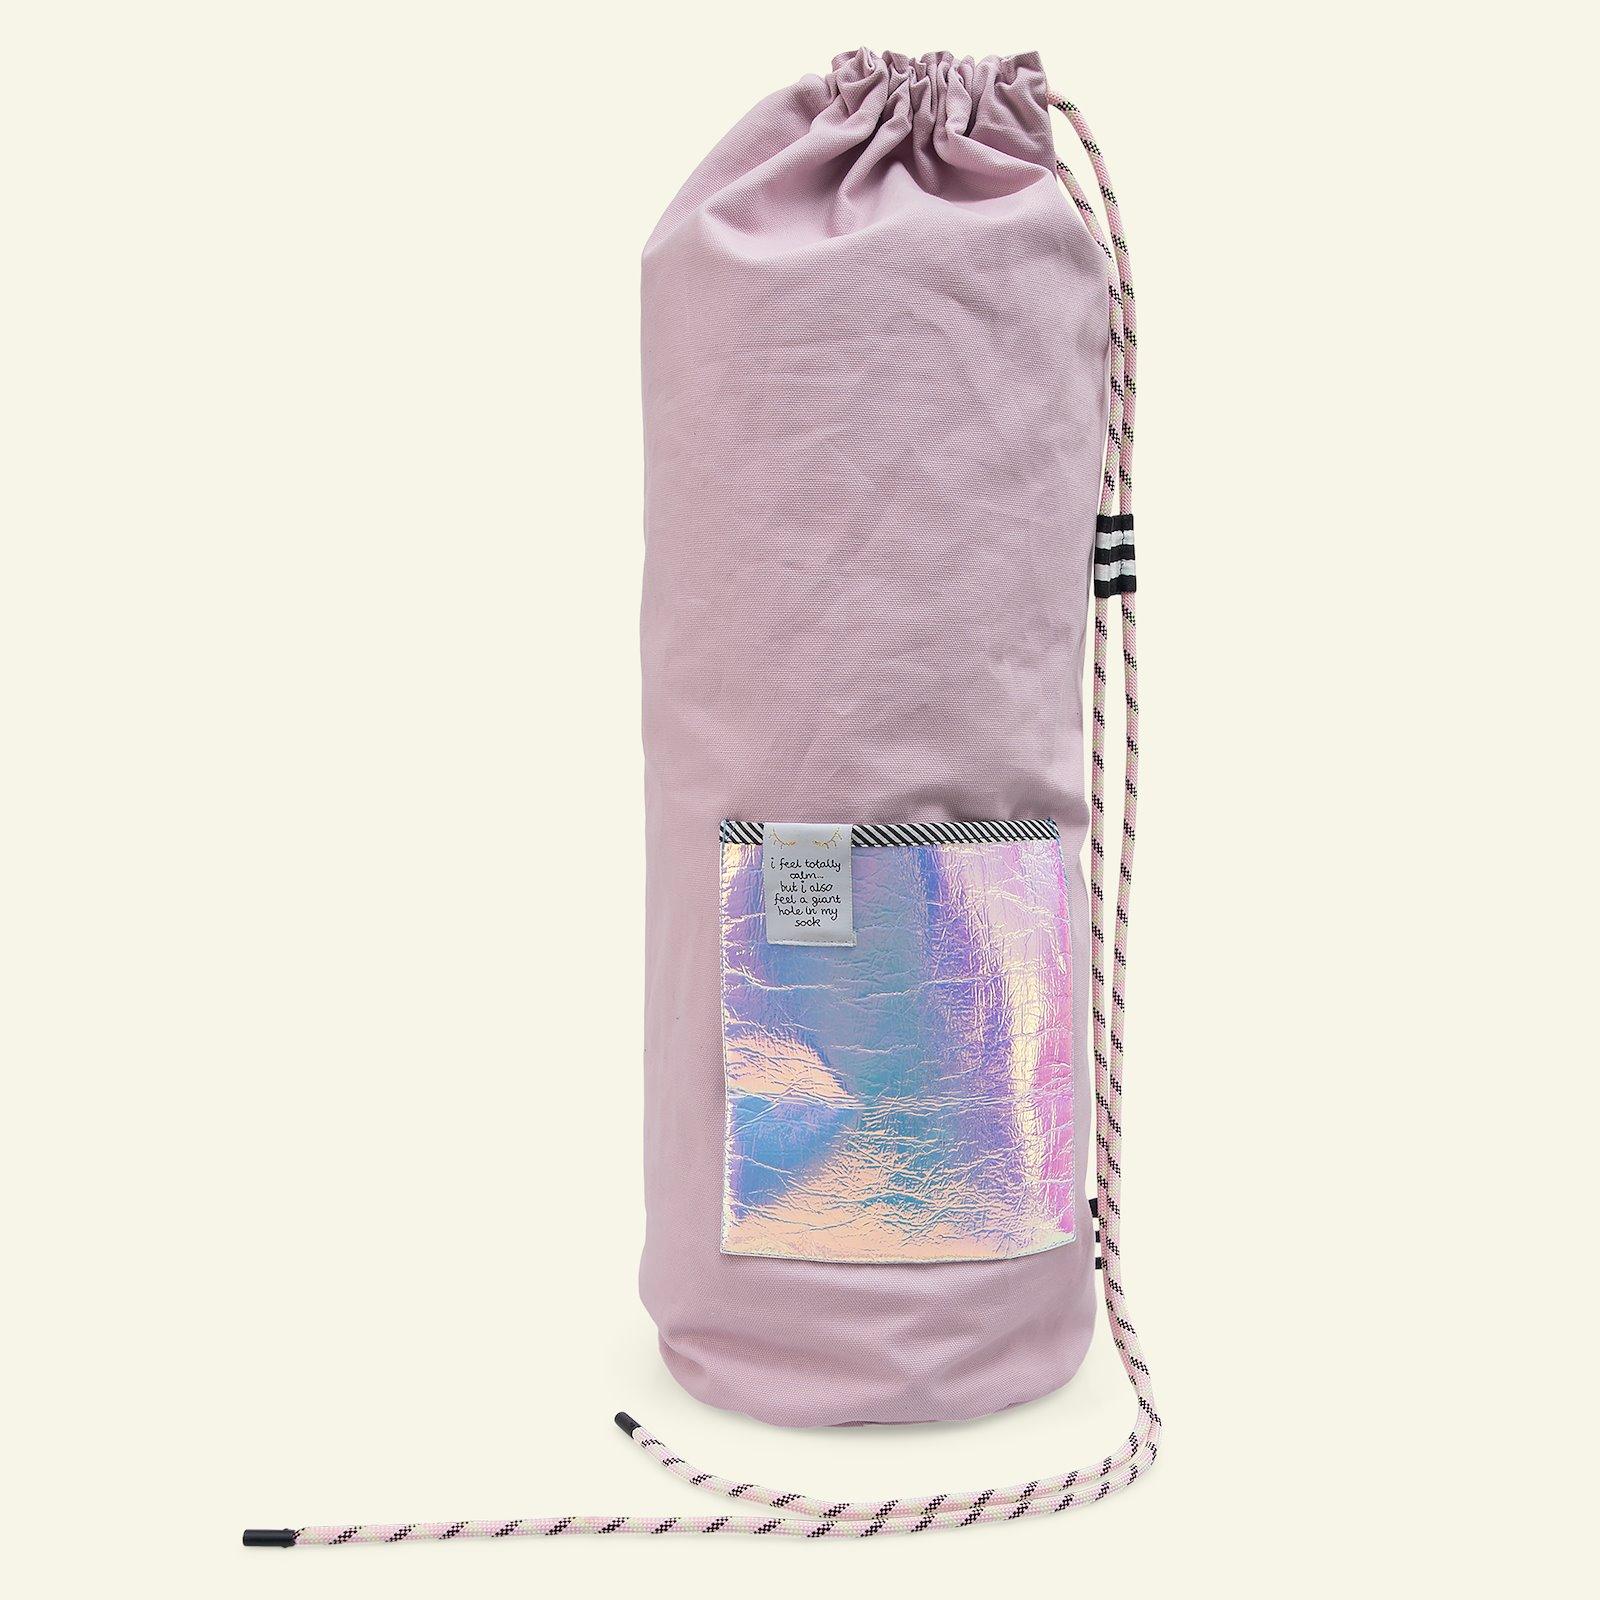 Yoga and bucket bag p90339_780481_852368_75091_64106_z59344_sskit